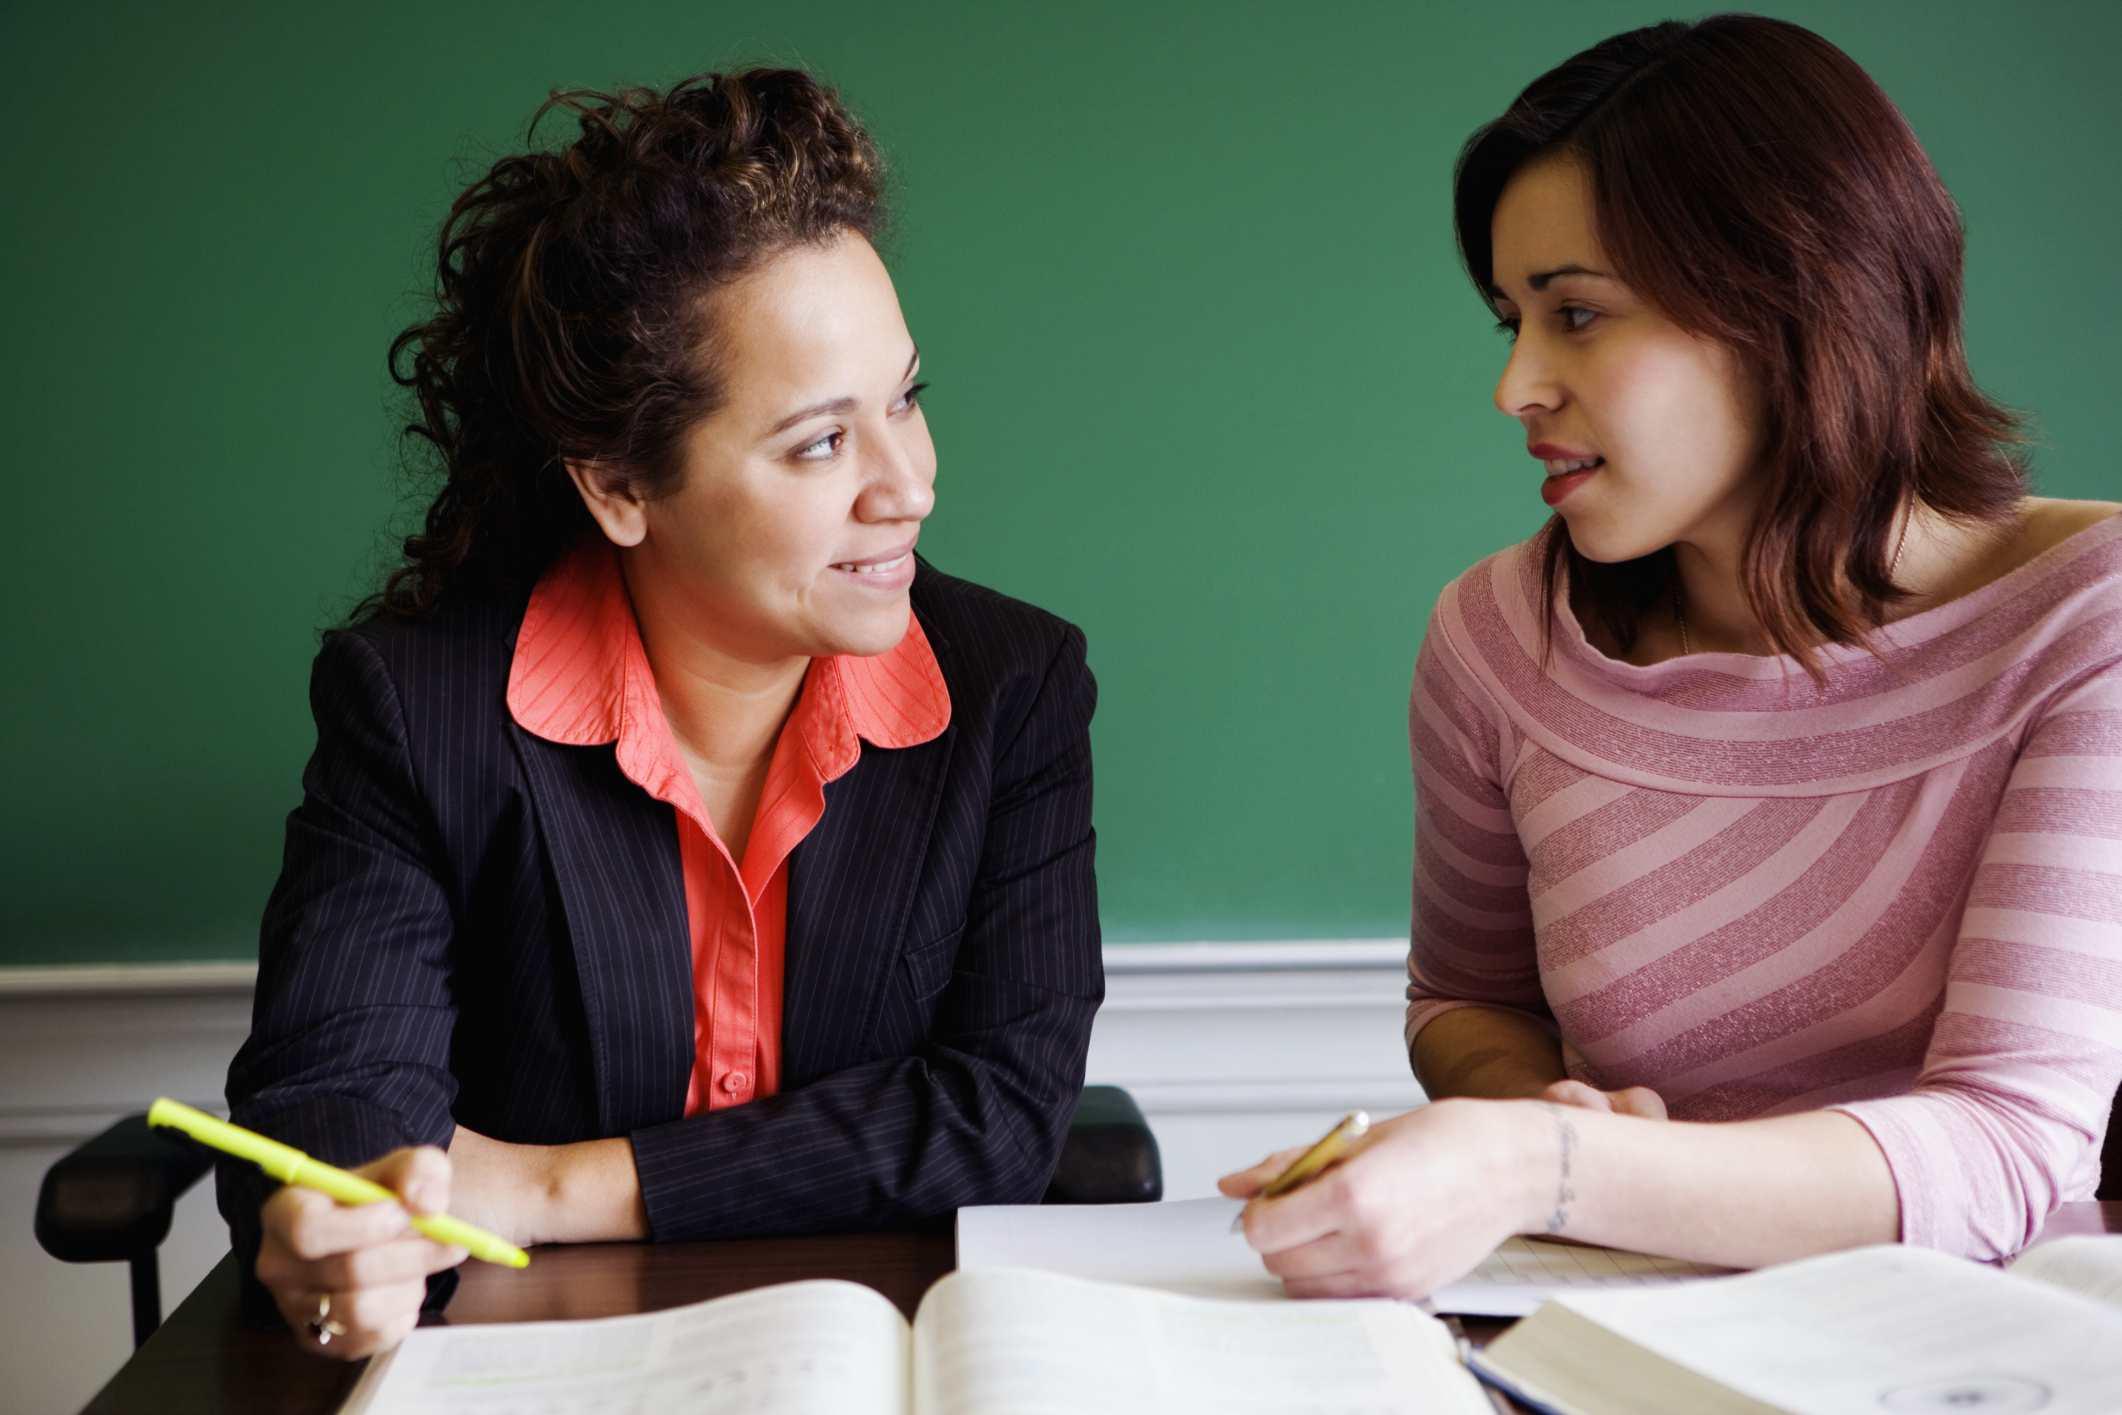 Estudiante y profesor hablando en un aula.